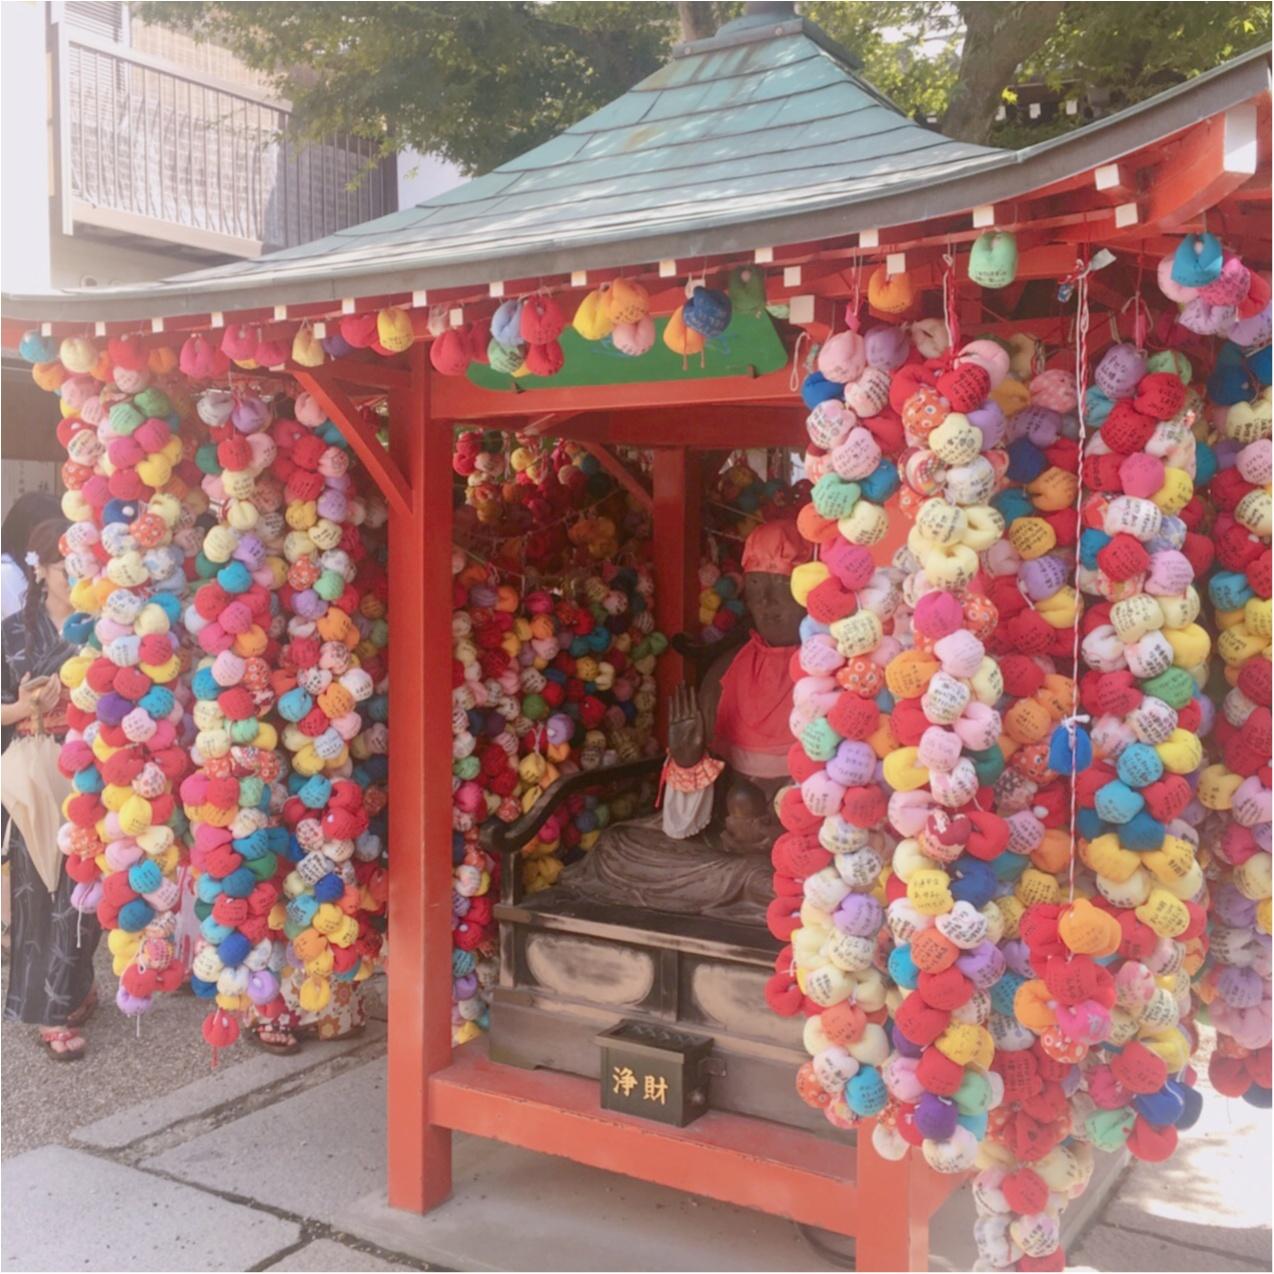 京都女子旅特集《2019年版》- 旅する女子がおすすめする、インスタ映えスポットやカフェ、レンタル着物は?_14